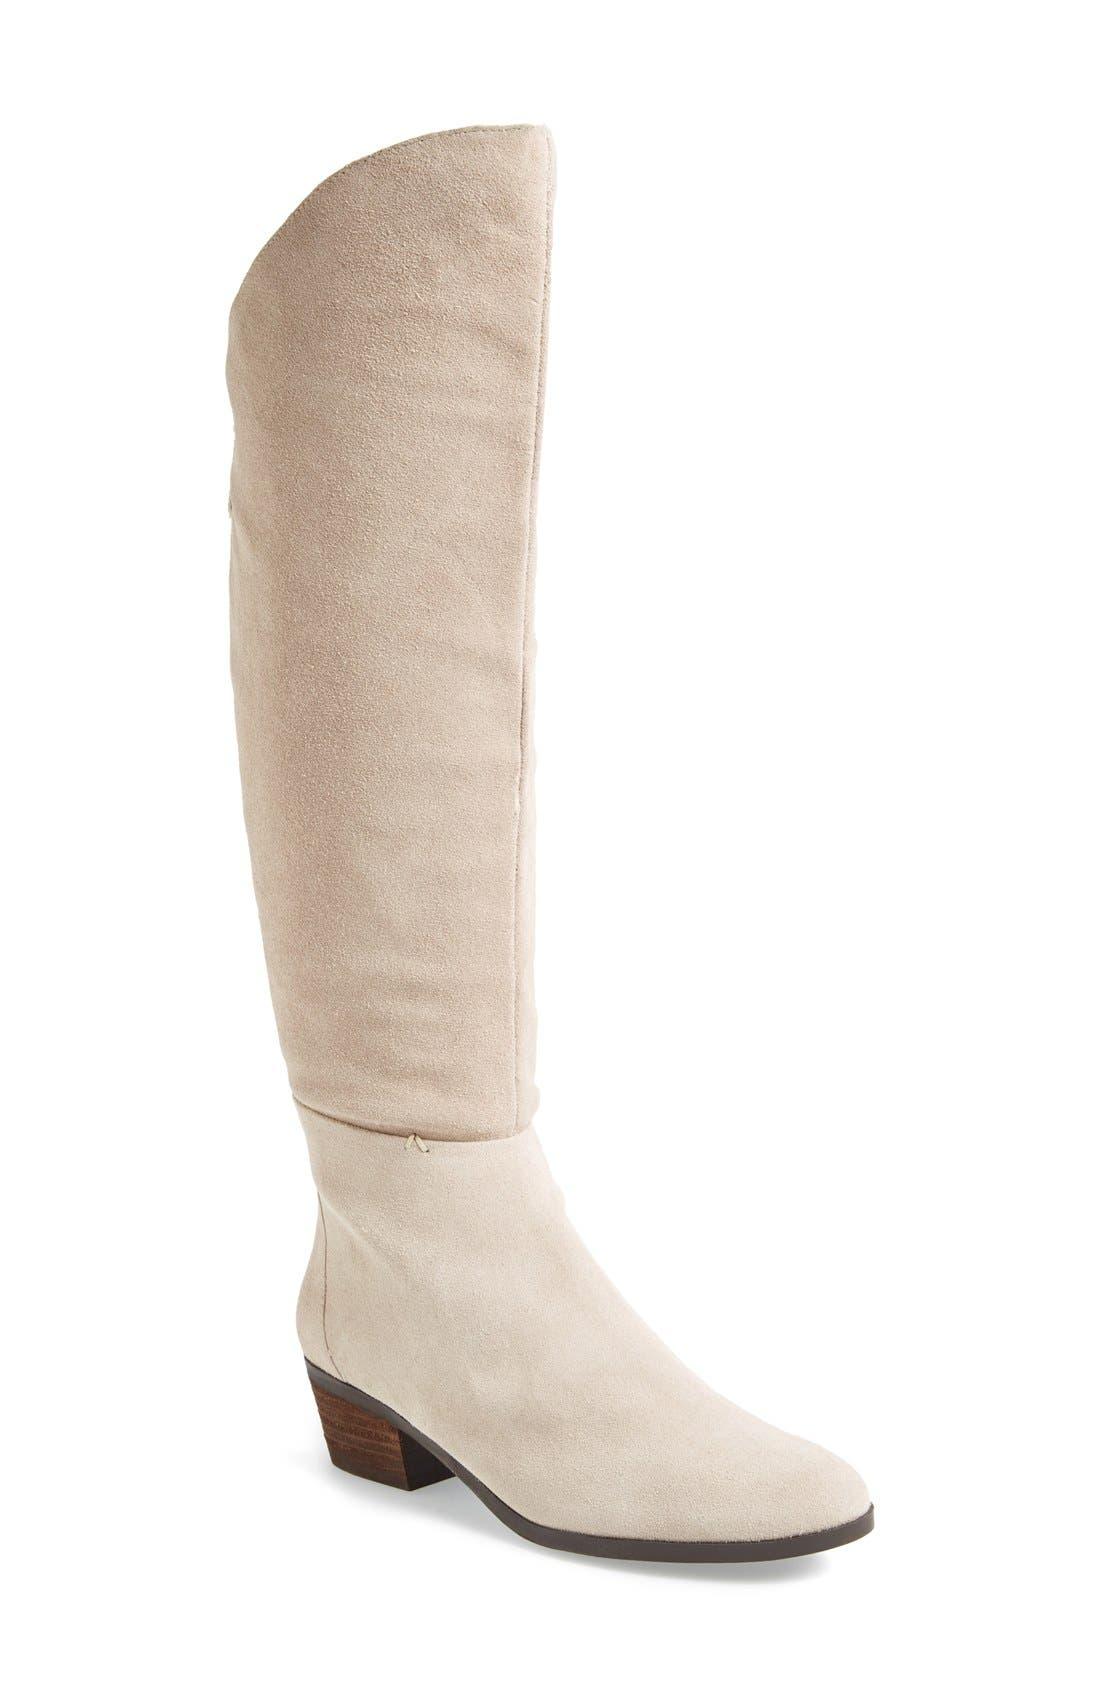 Dr. Scholl's 'Original Collection - Melrose' Tall Boot (Women)